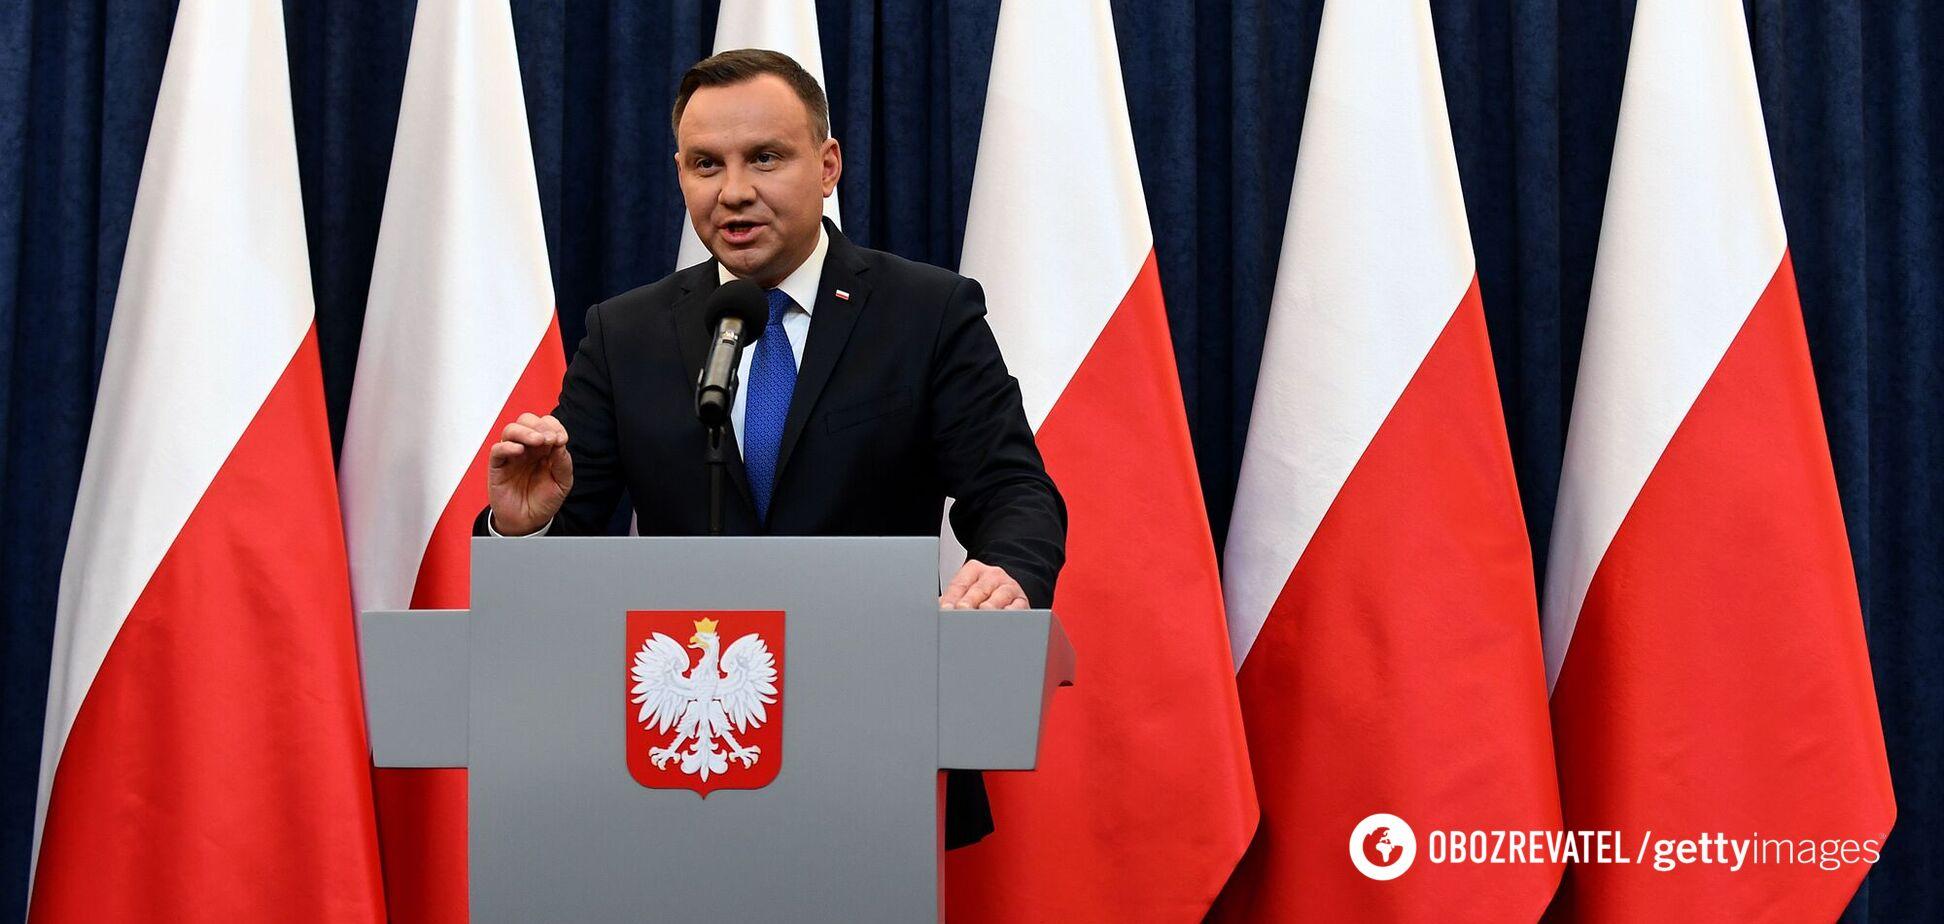 Польща посилить санкції проти Росії через військову агресію на Донбасі